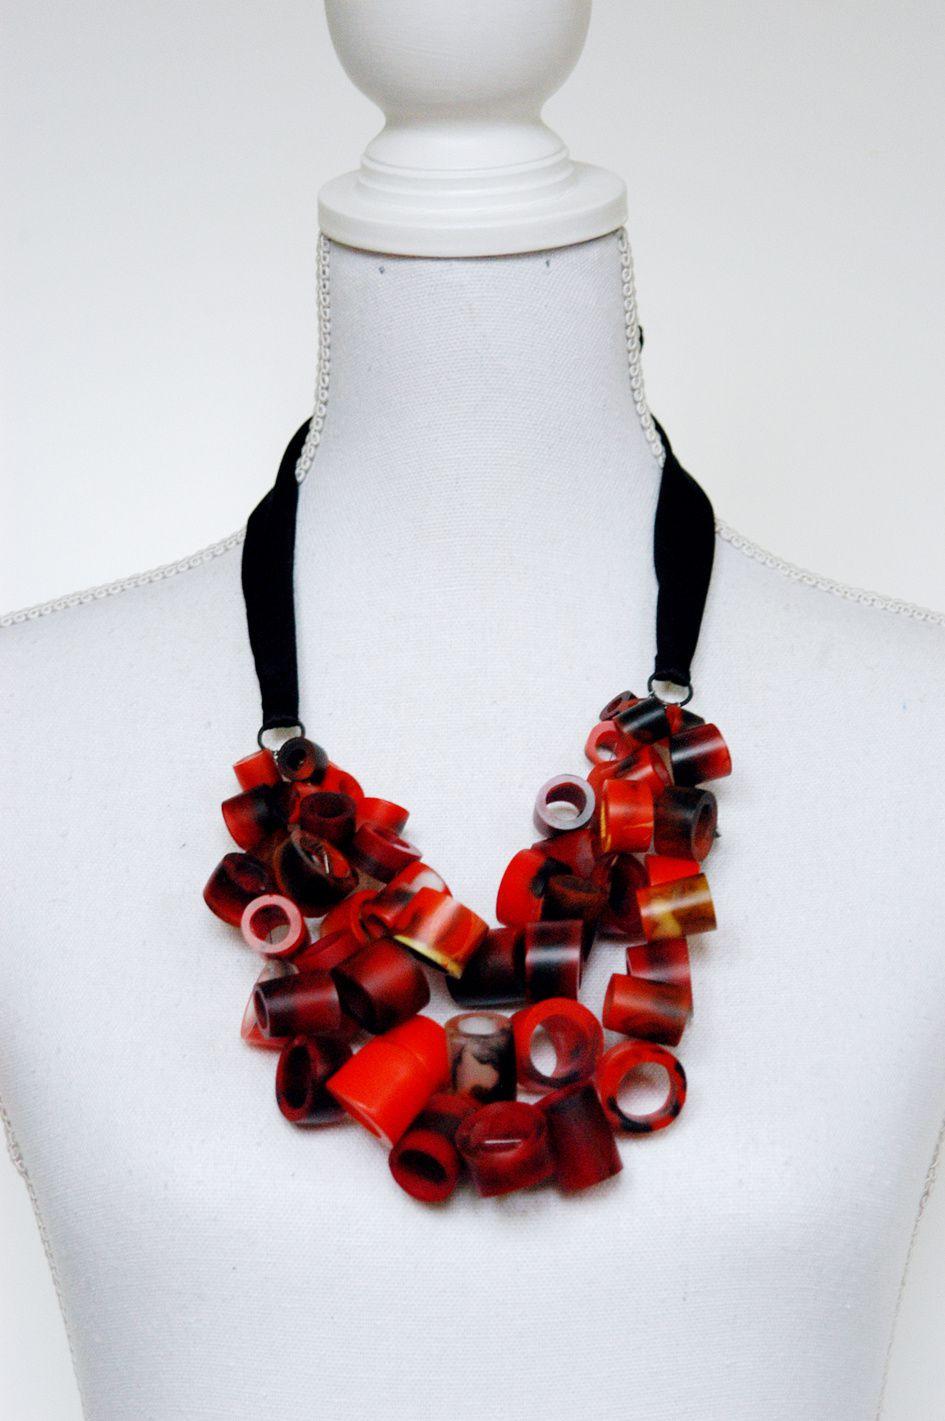 Fertig: Halsschmuck aus roten, rohrchenförmigen Harzperlen. Oben die alte, darunter die neue Version.